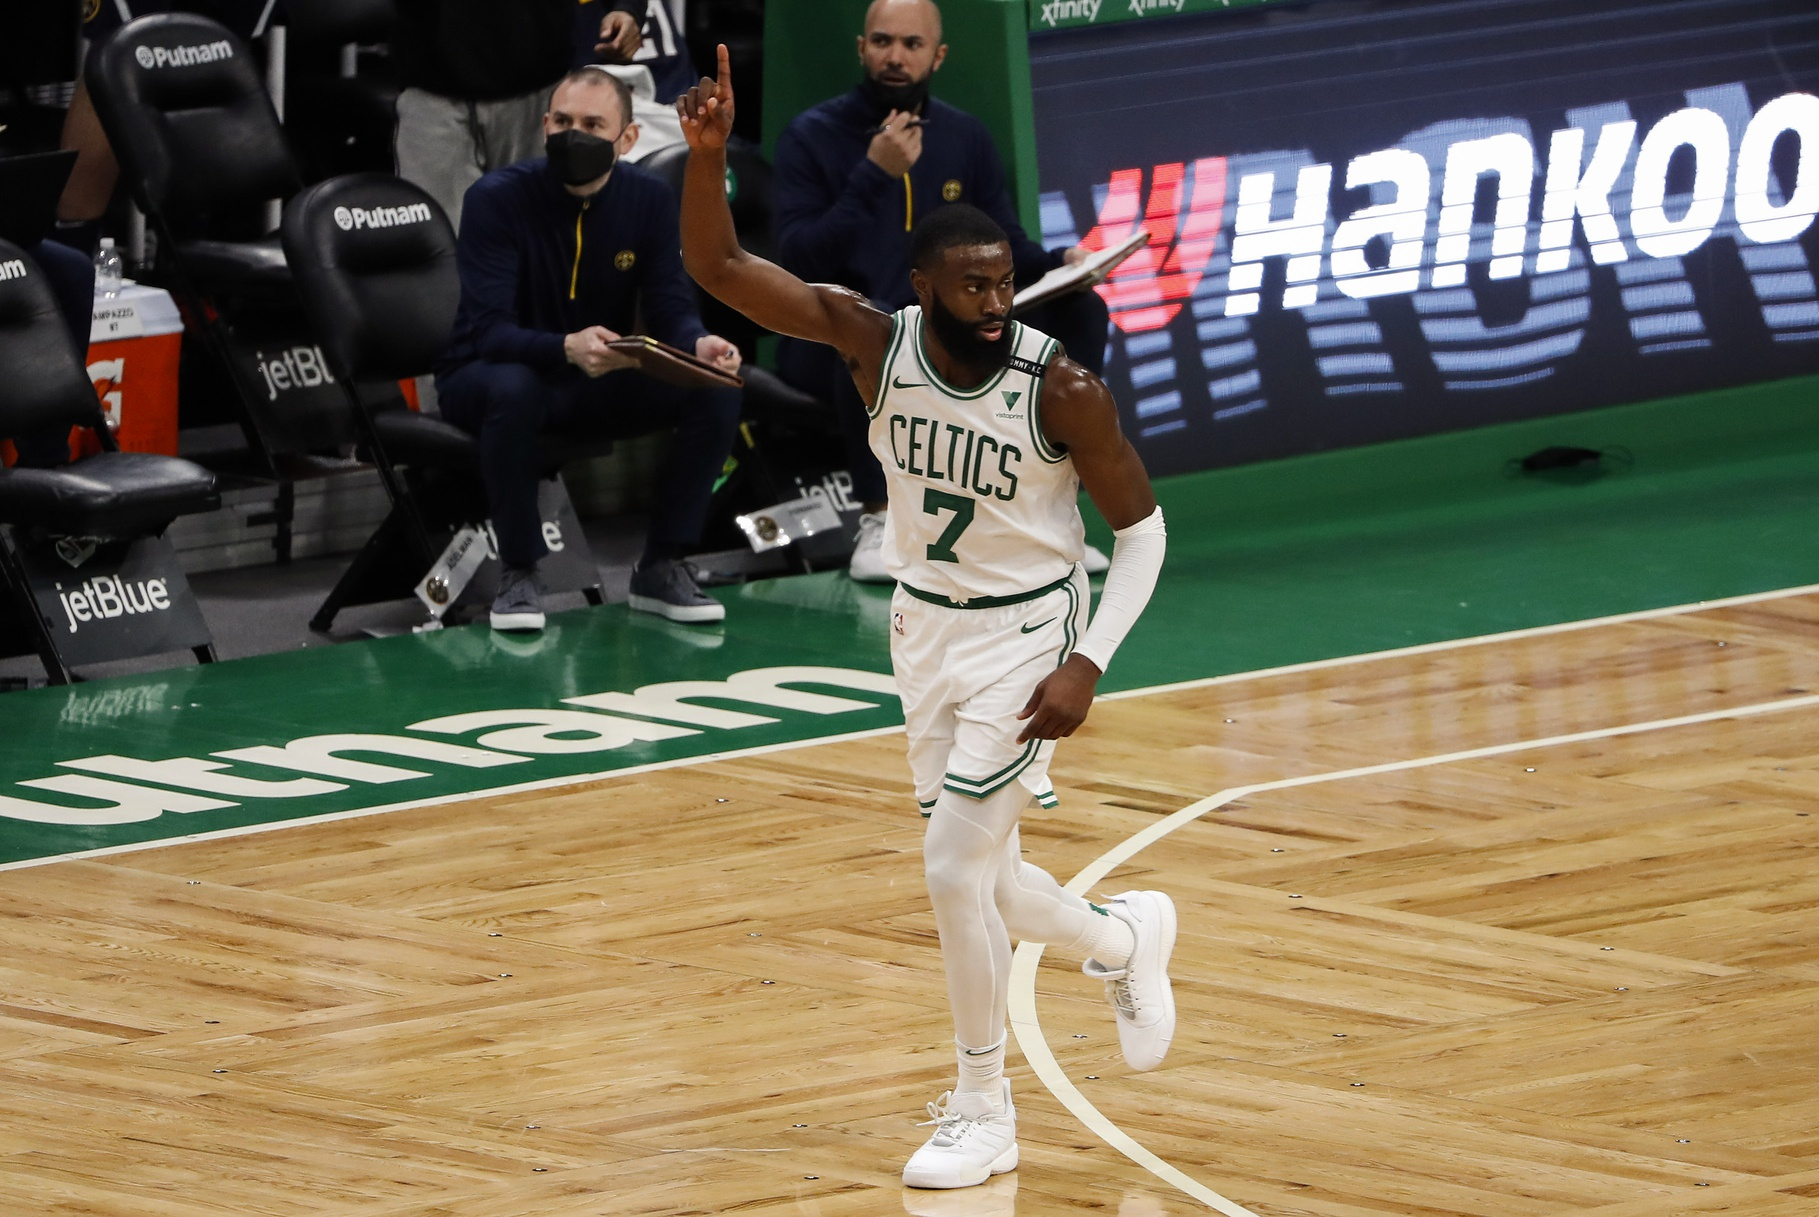 Rapid Recap: Jaylen flexes as Celtics survive Jokic explosion for much needed win